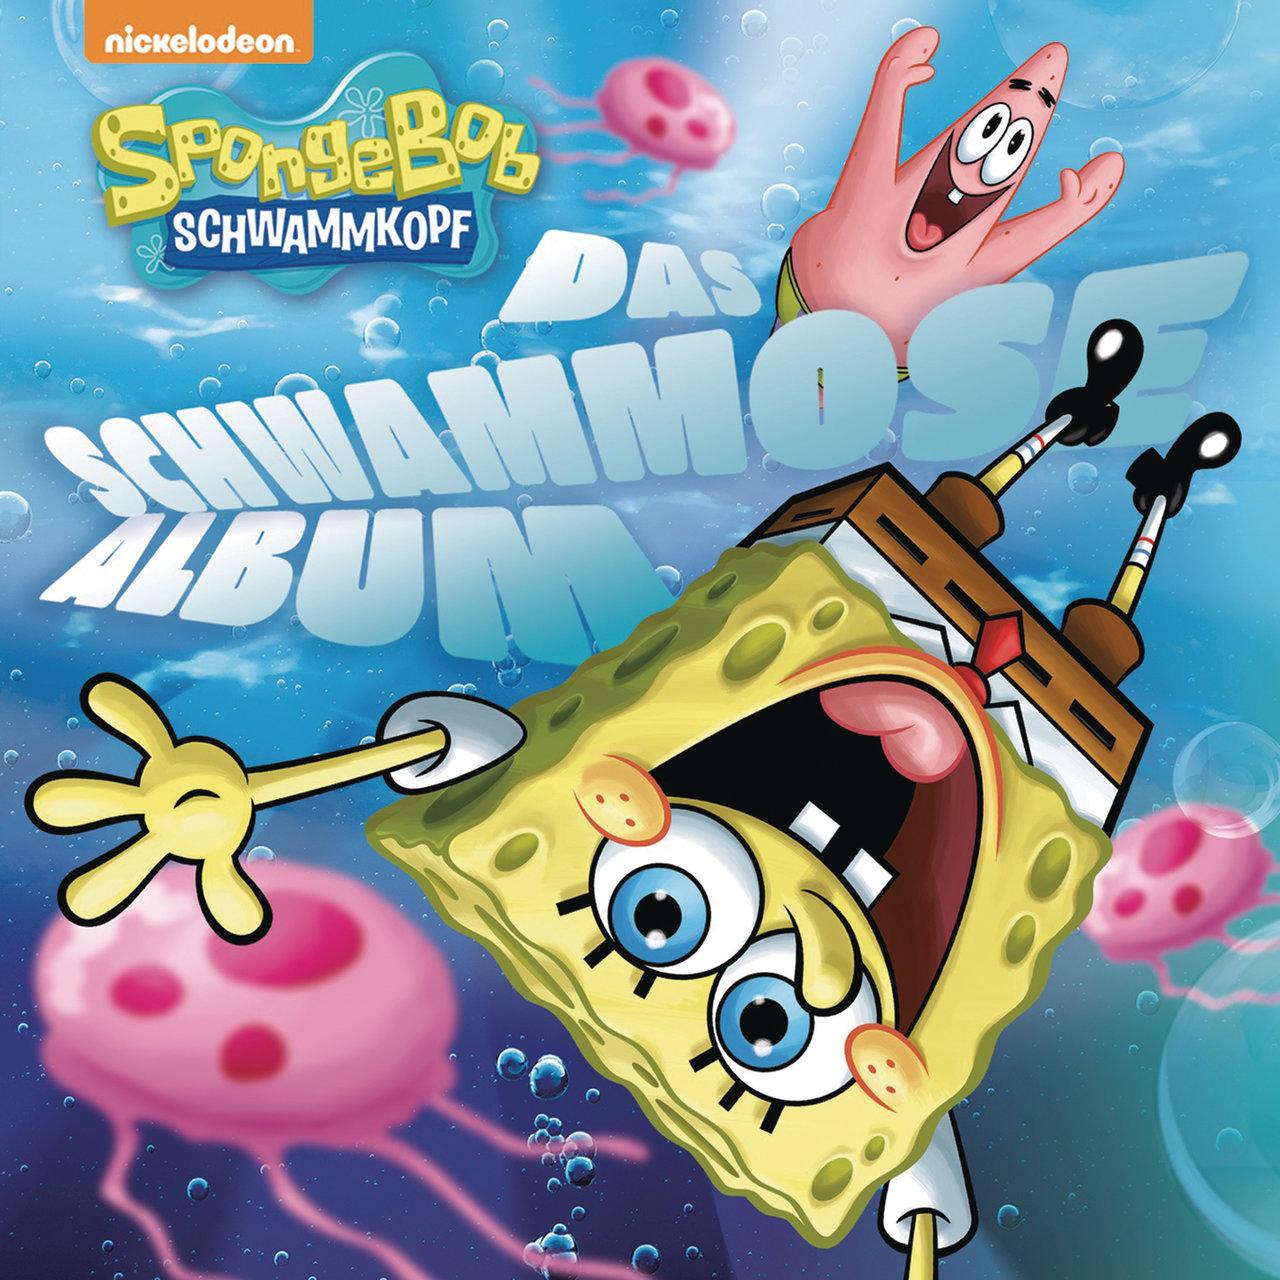 TIDAL: Listen to SpongeBob Schwammkopf on TIDAL